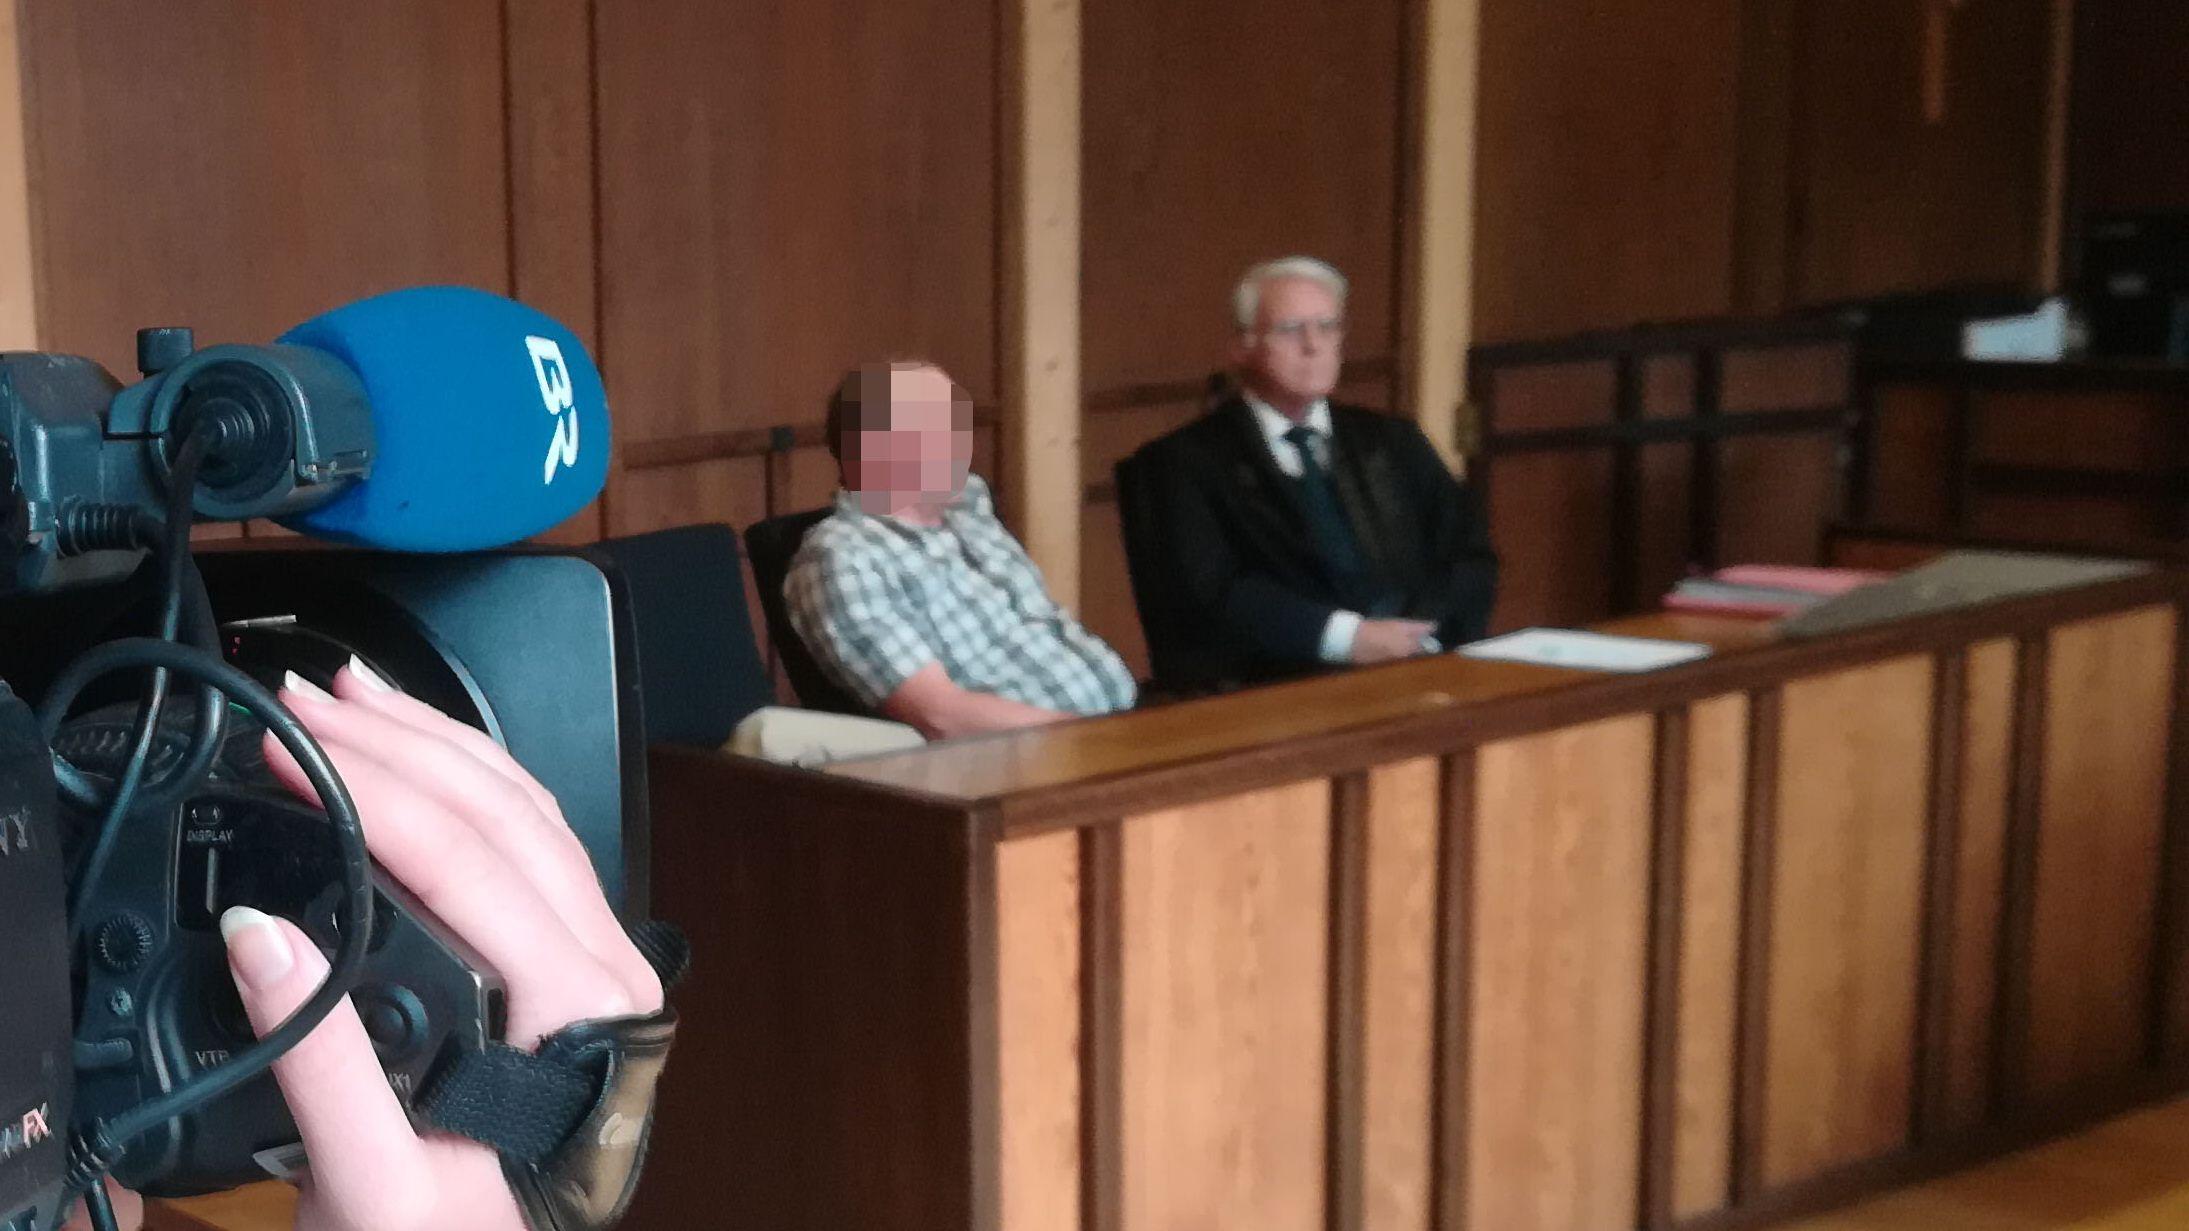 Der Angeklagte und sein Verteidiger im Gerichtssaal